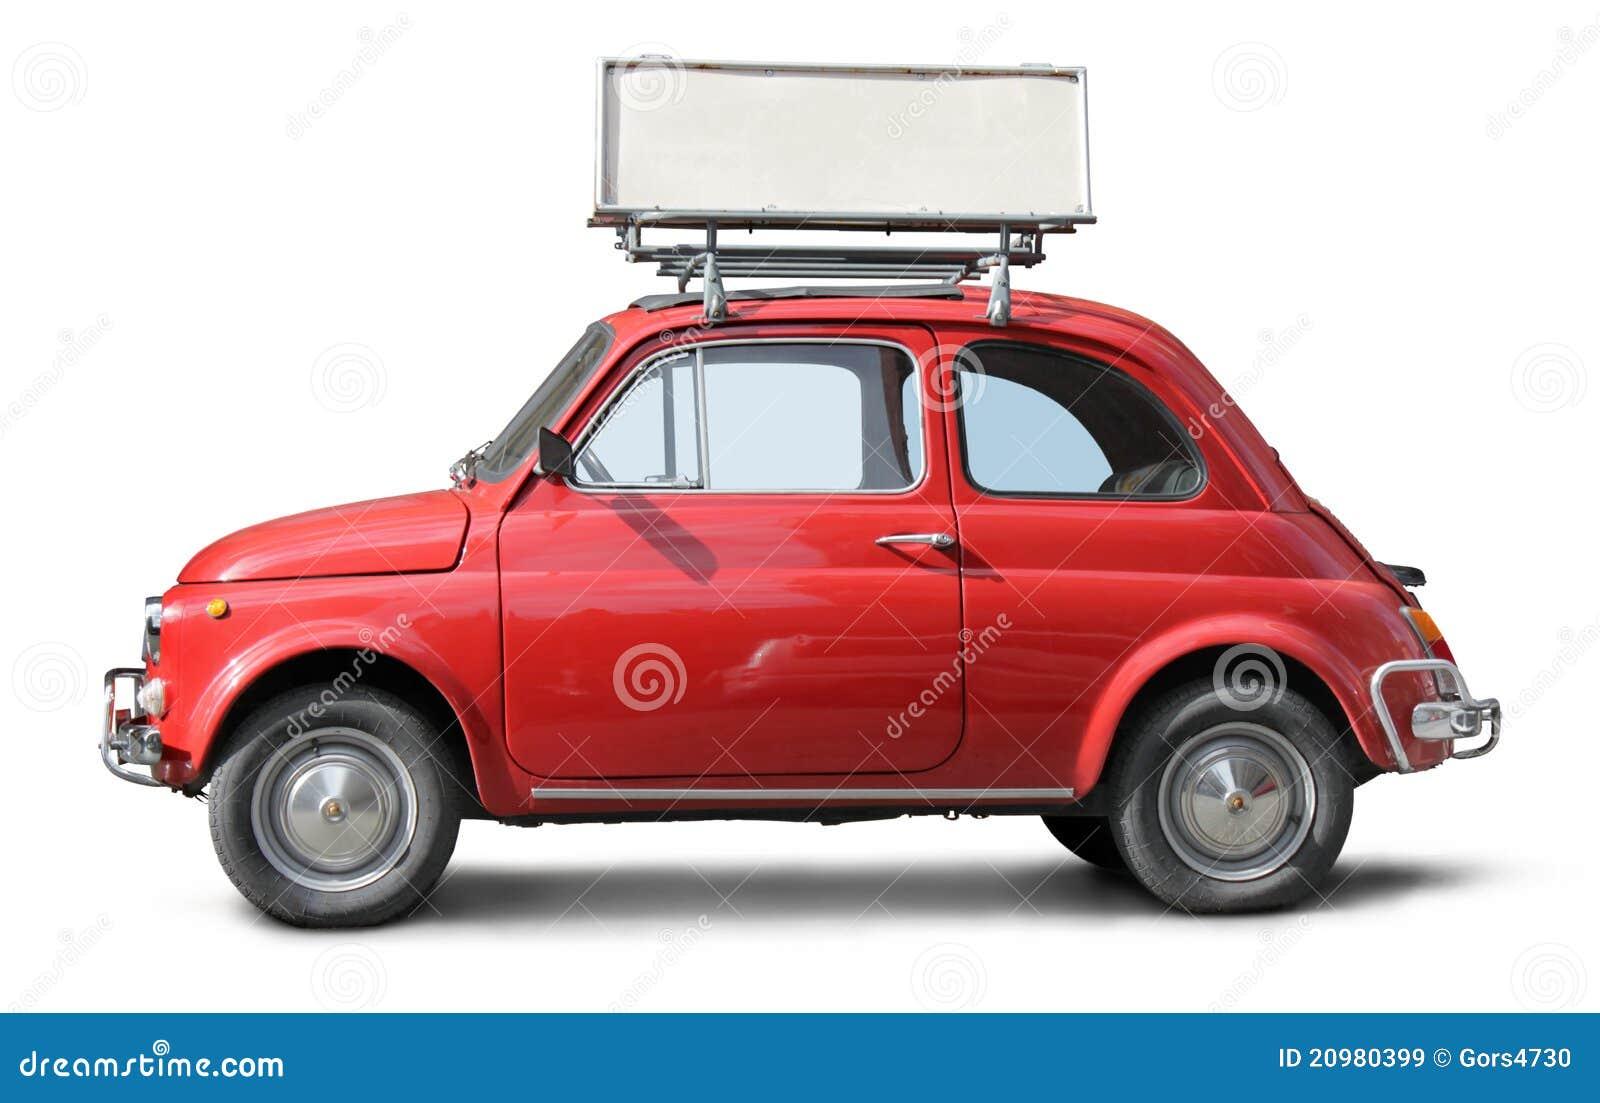 altes kleines auto stockbild bild von wirtschaftlichkeit 20980399. Black Bedroom Furniture Sets. Home Design Ideas